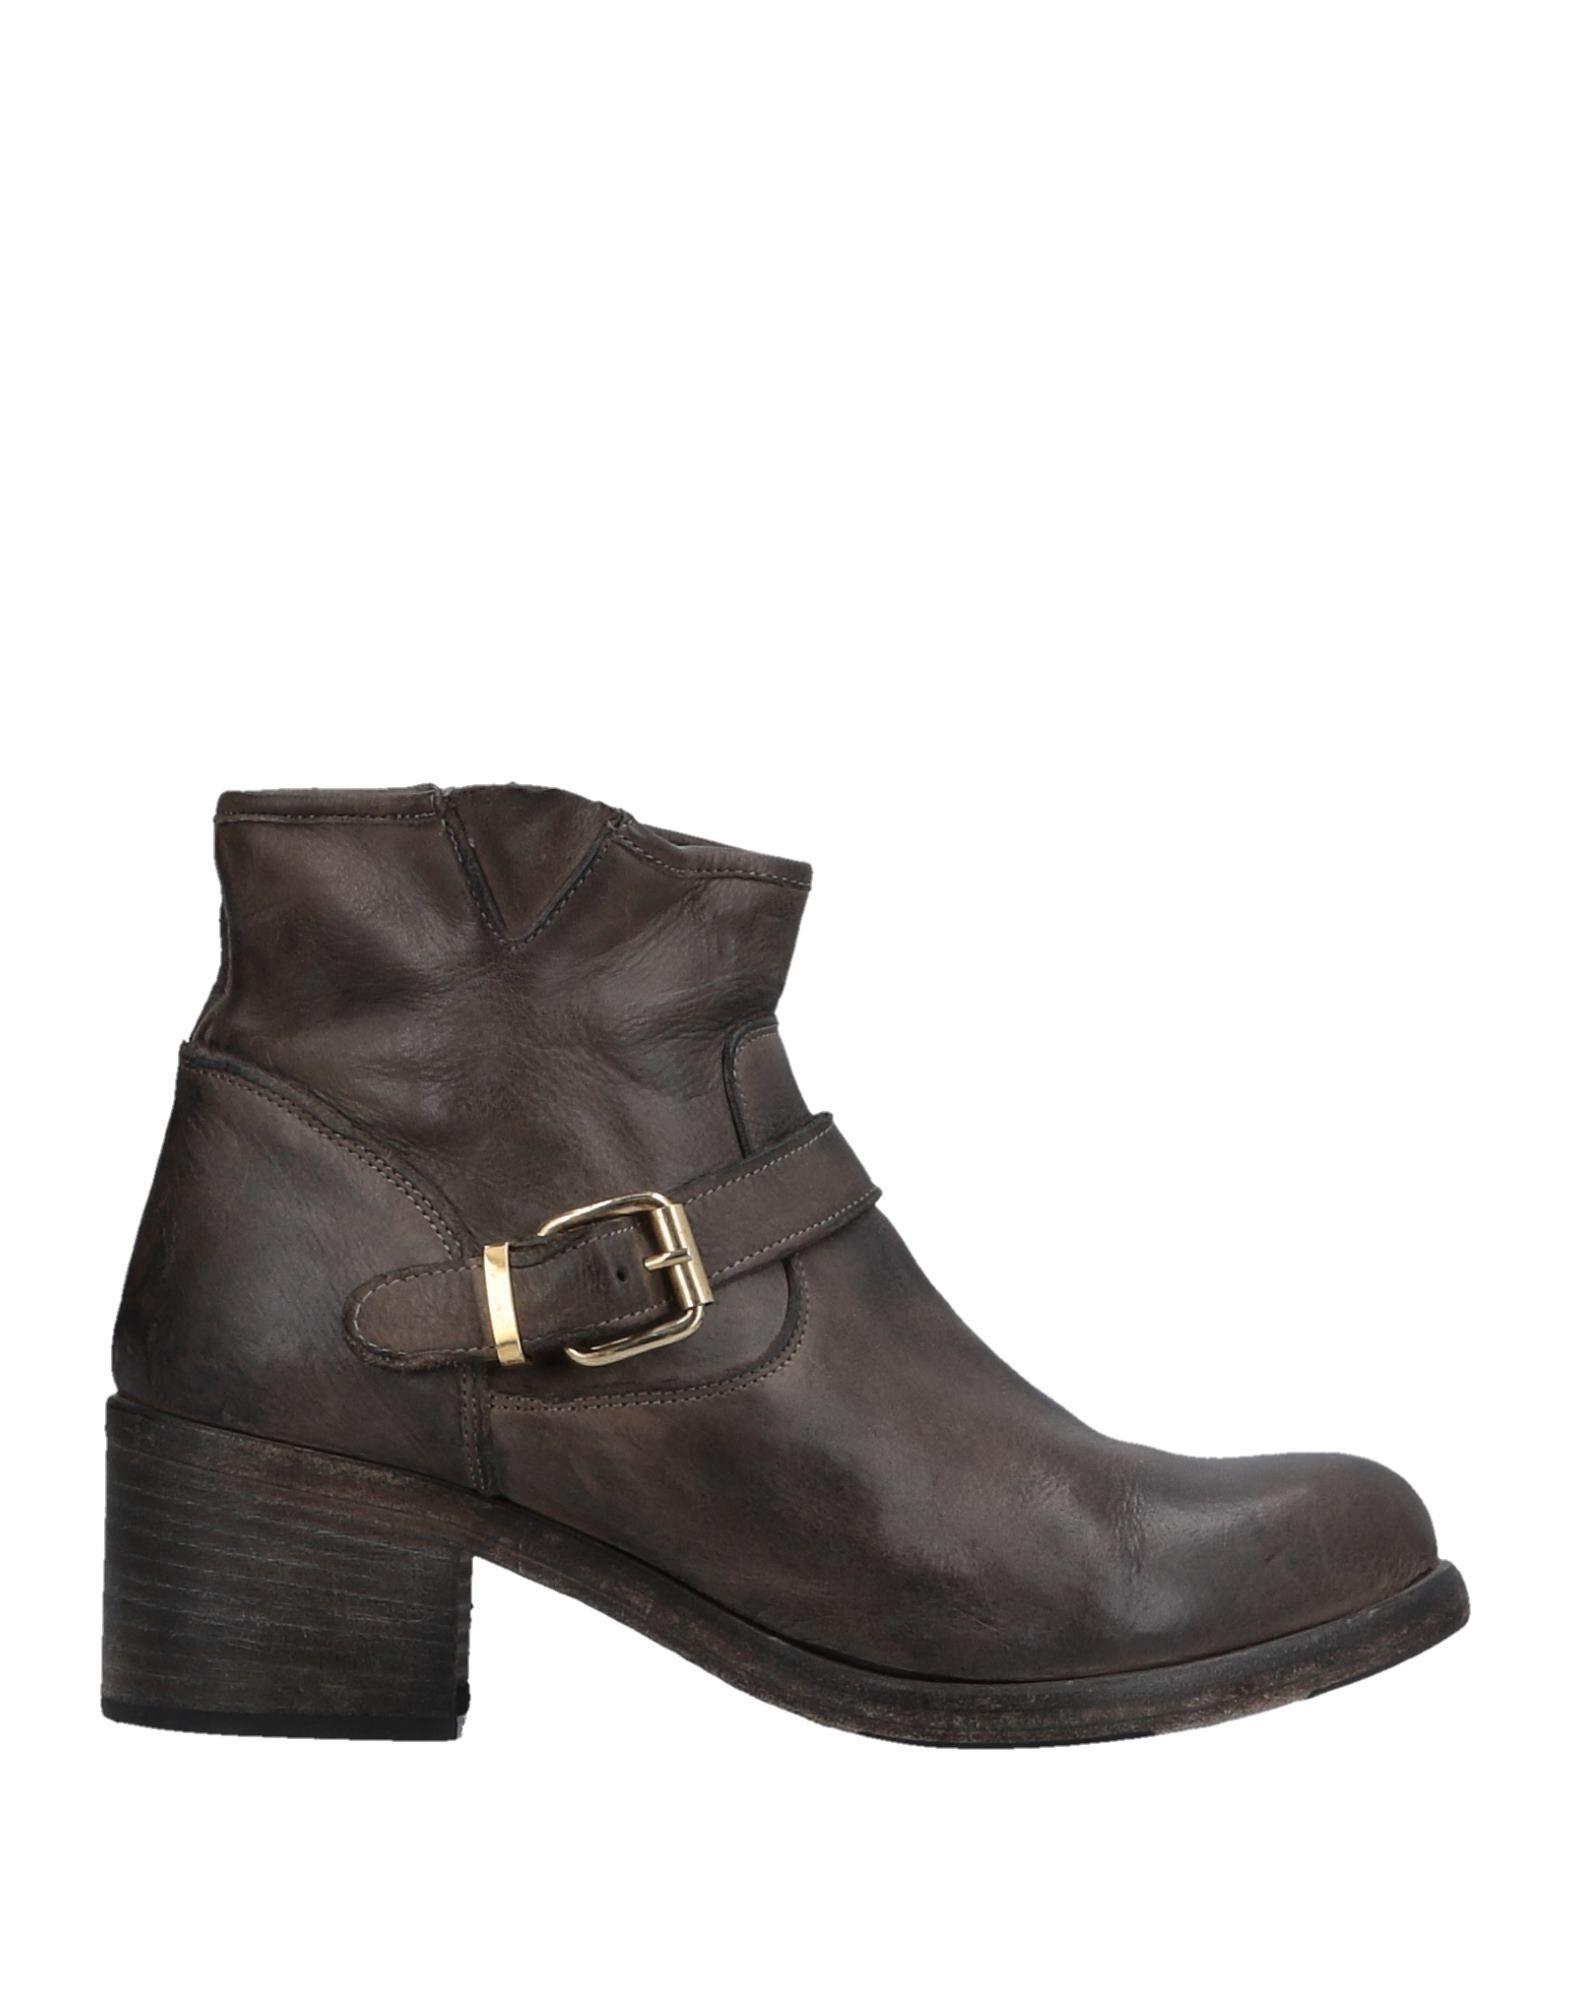 Moda Stivaletti Keep Donna - 11509759UC